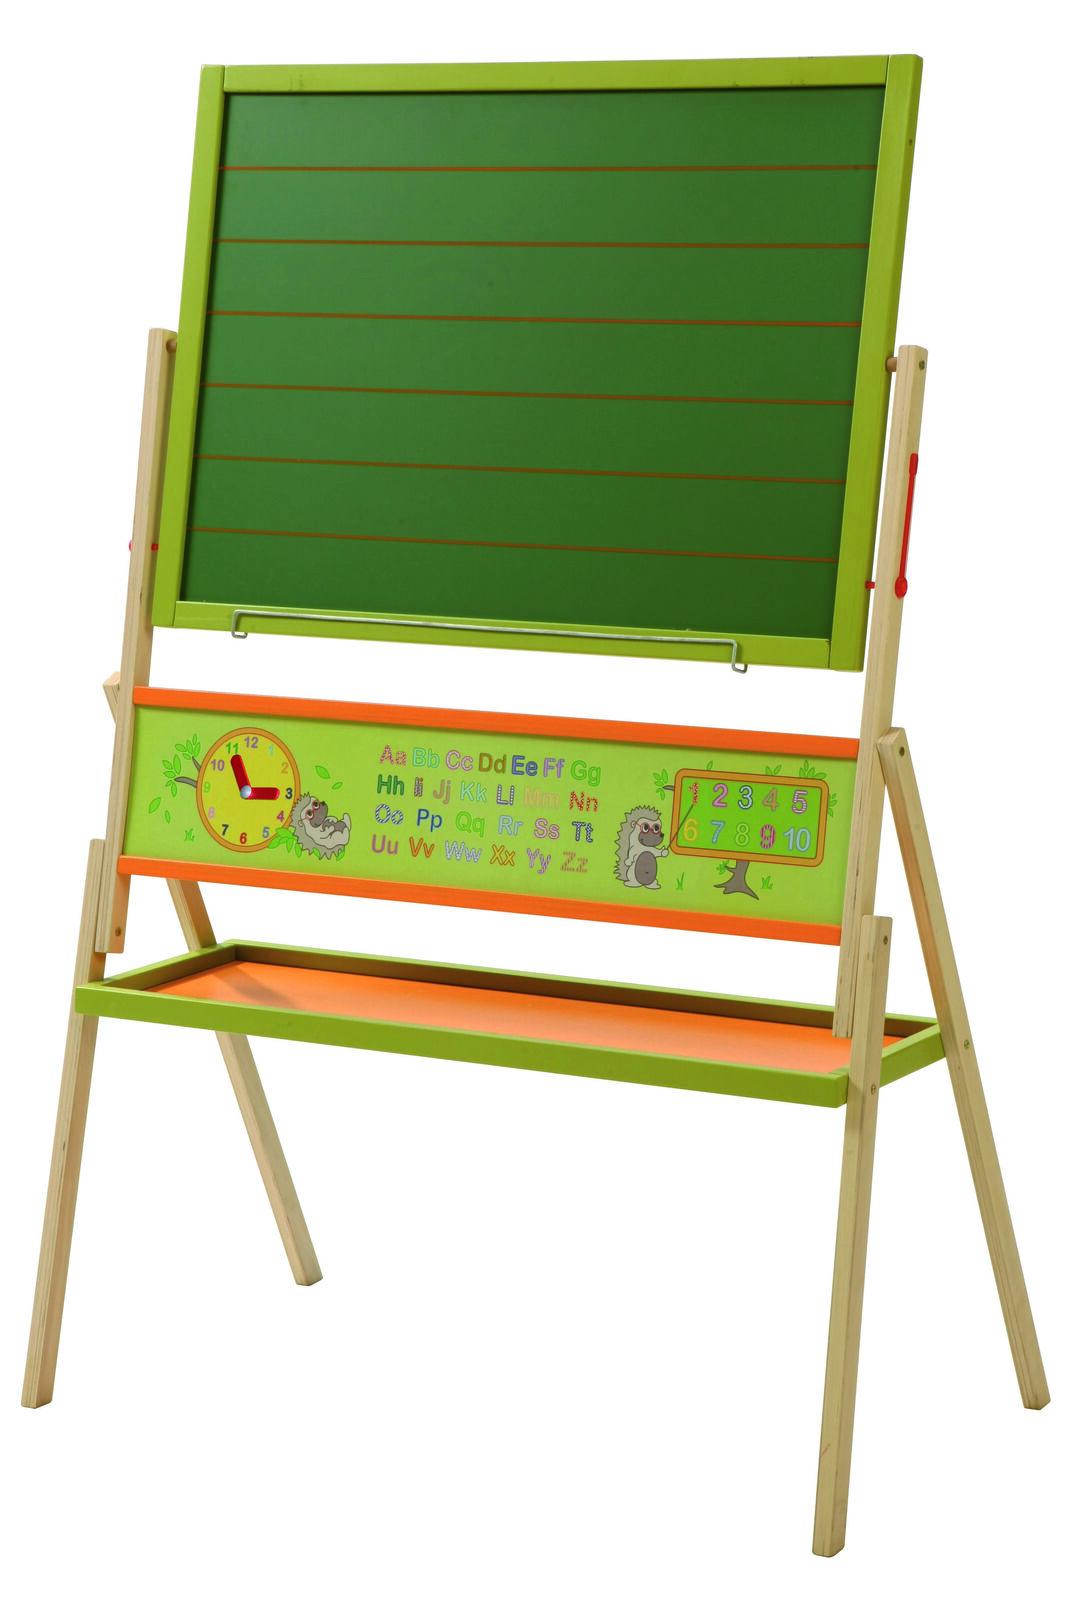 Stift und Schwamm 2 in 1 Whiteboard 64x65cm mit Kreide